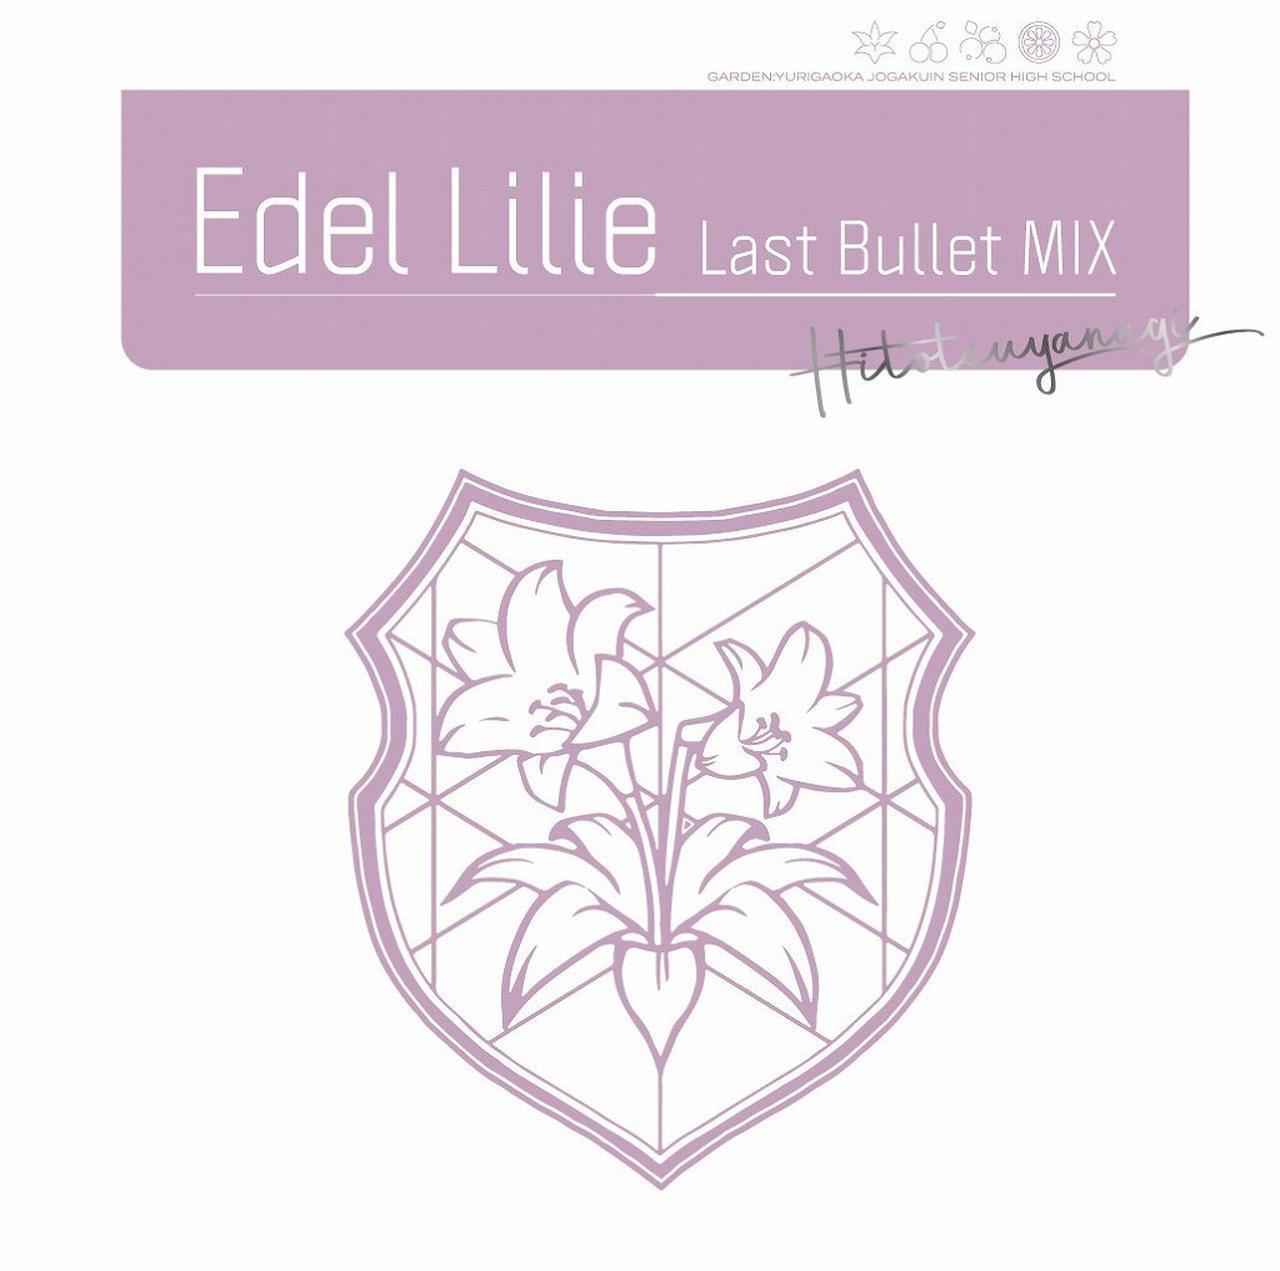 画像: Edel Lilie(Last Bullet MIX)【通常盤A(一柳隊ver.)】 / アサルトリリィ Last Bullet